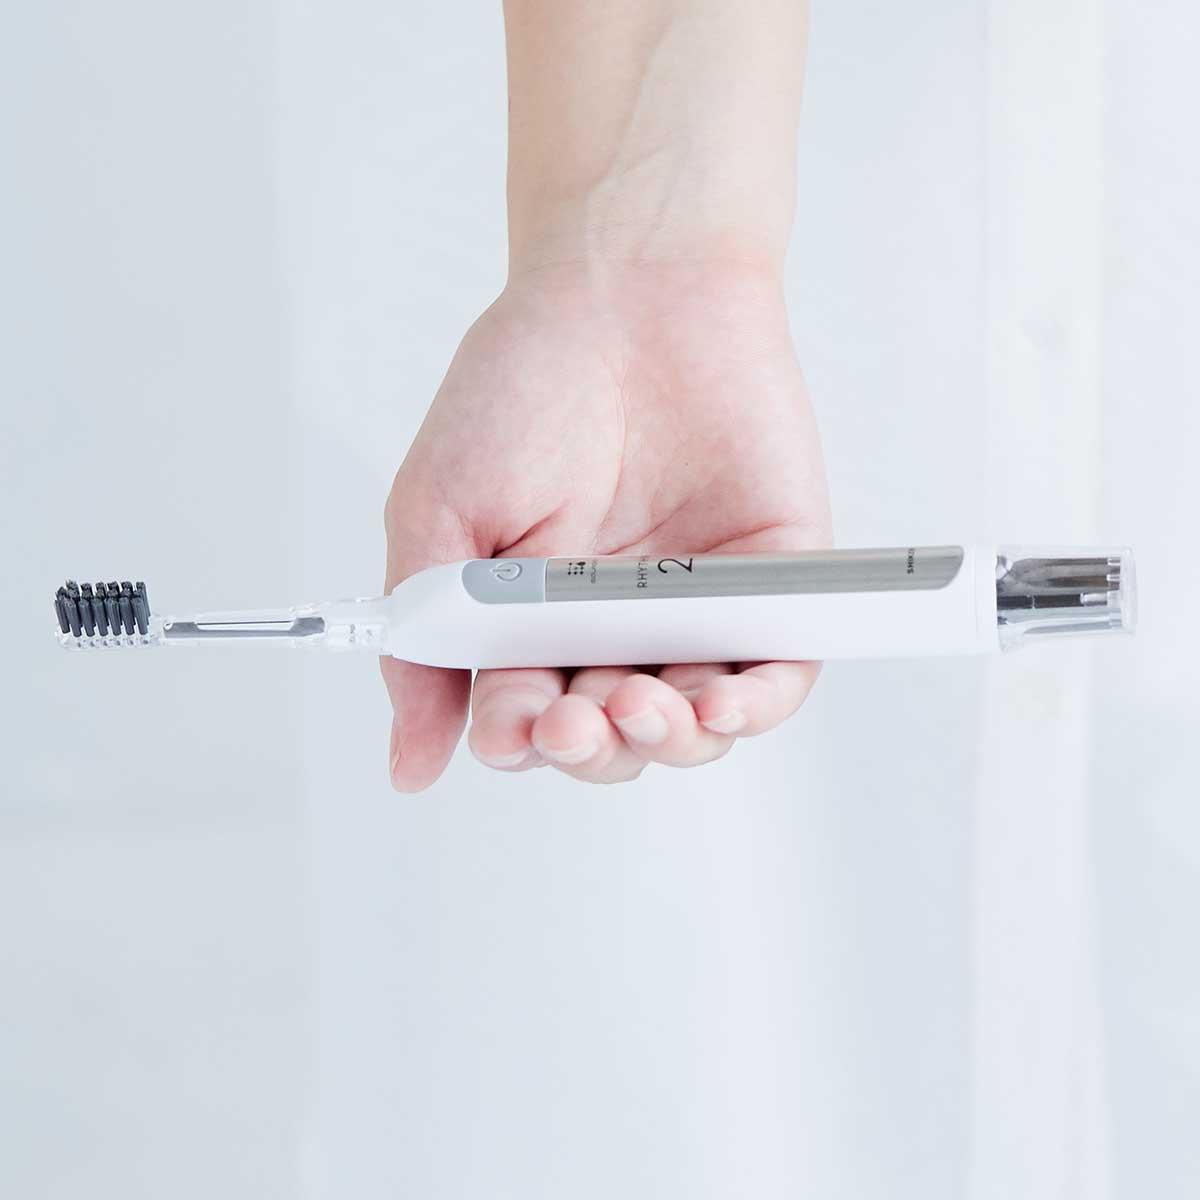 そのまま歯を磨くだけで、歯に汚れがつきにくくなる。今までにない磨き心地を味わえる。光触媒の効果で、歯磨き粉なしでも歯垢がとれる「電動歯ブラシ」|SOLADEY